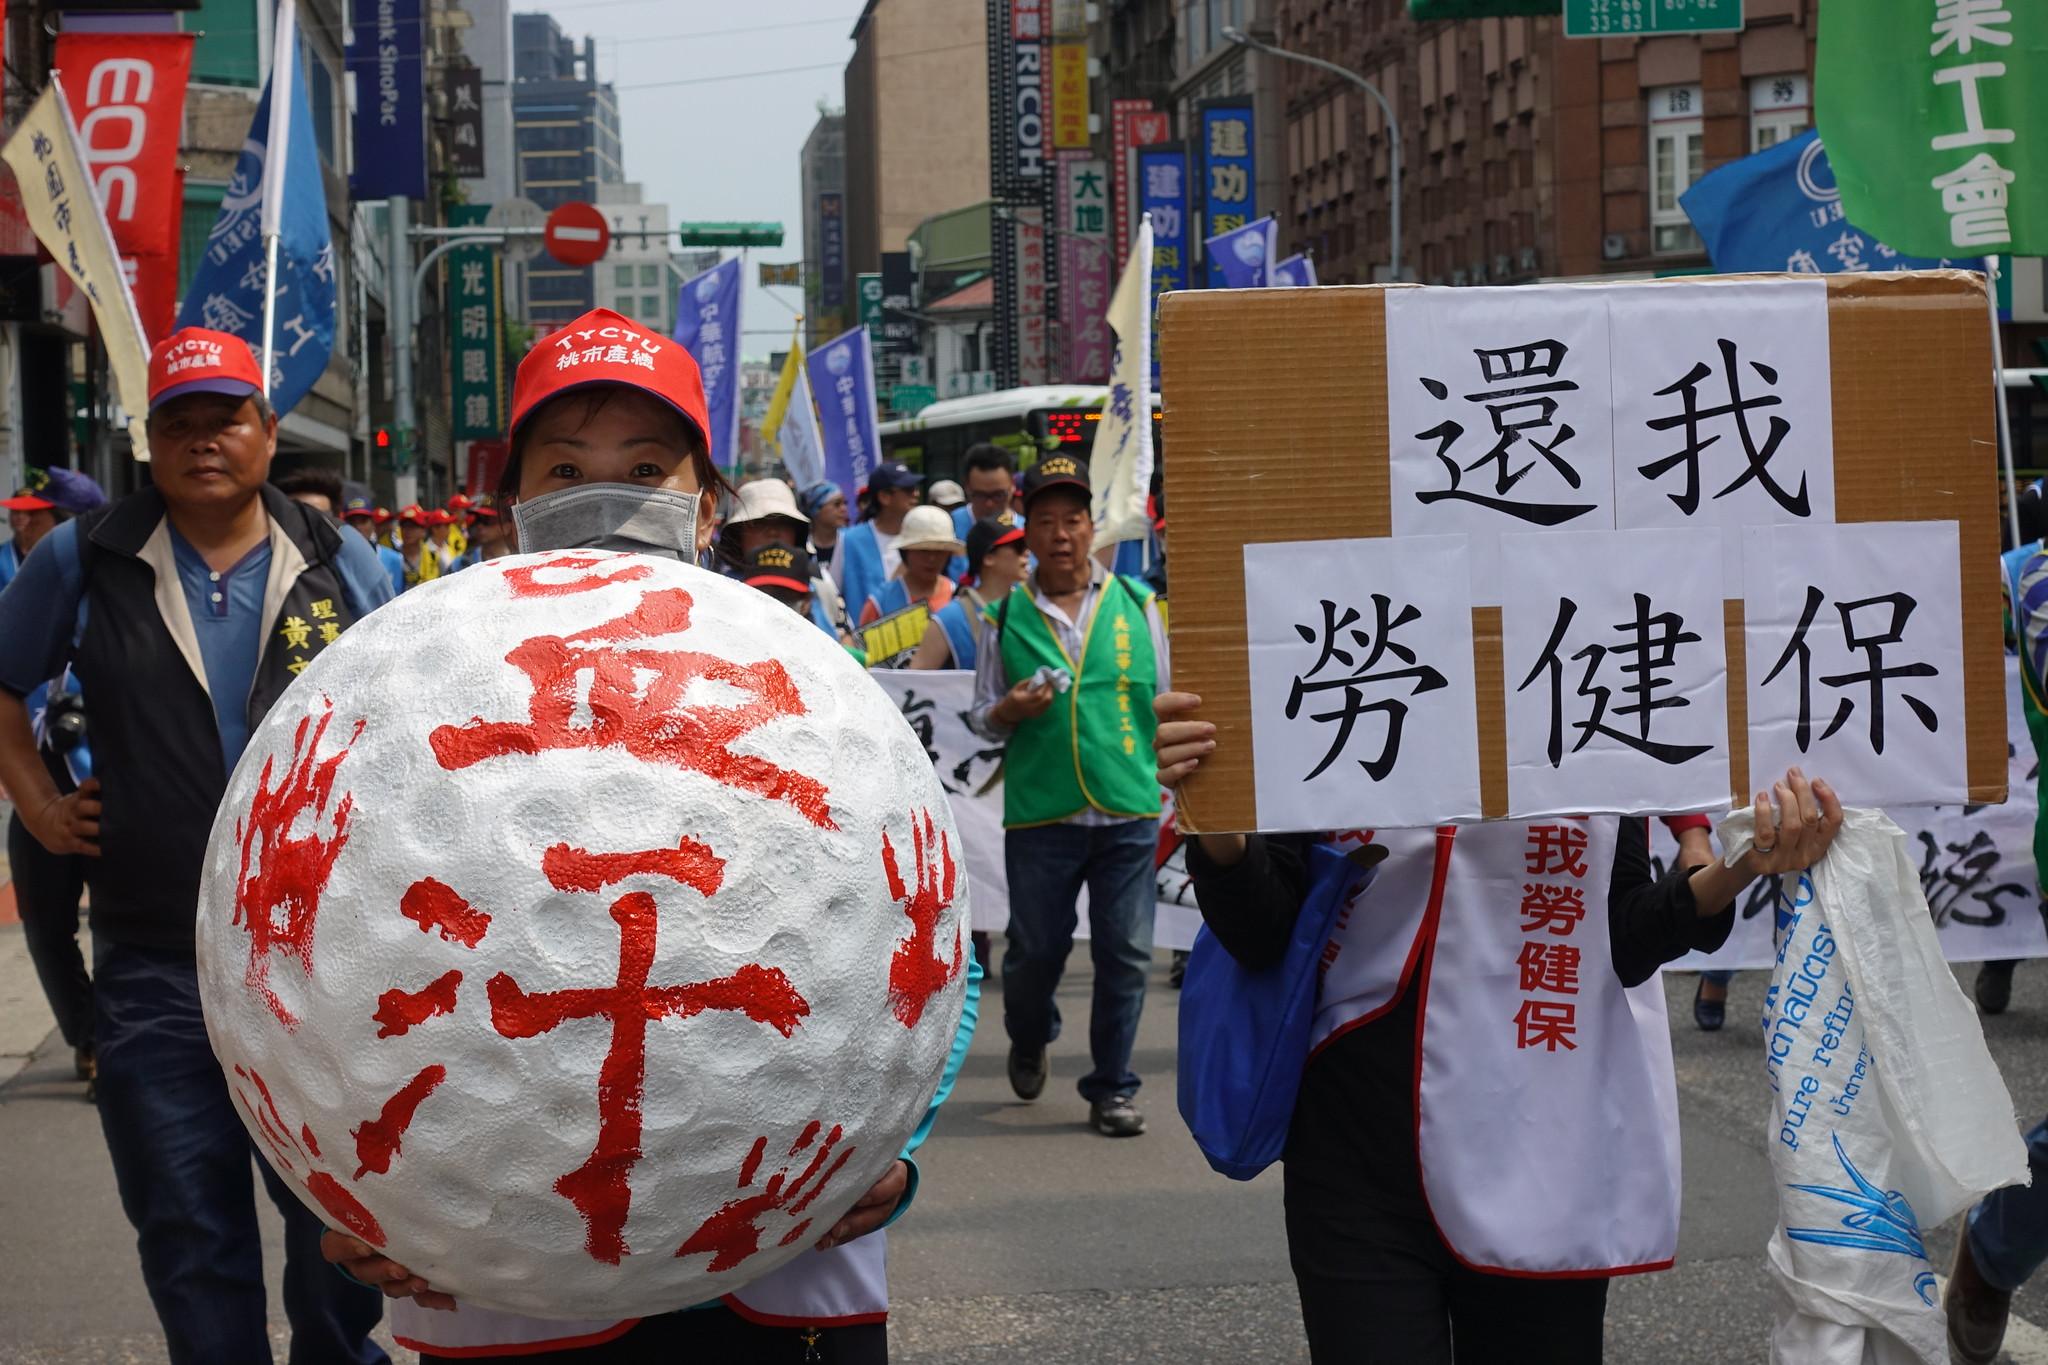 由桿弟組成,近日發起罷工抗爭、爭取勞健保的佳福工會。(攝影:張智琦)